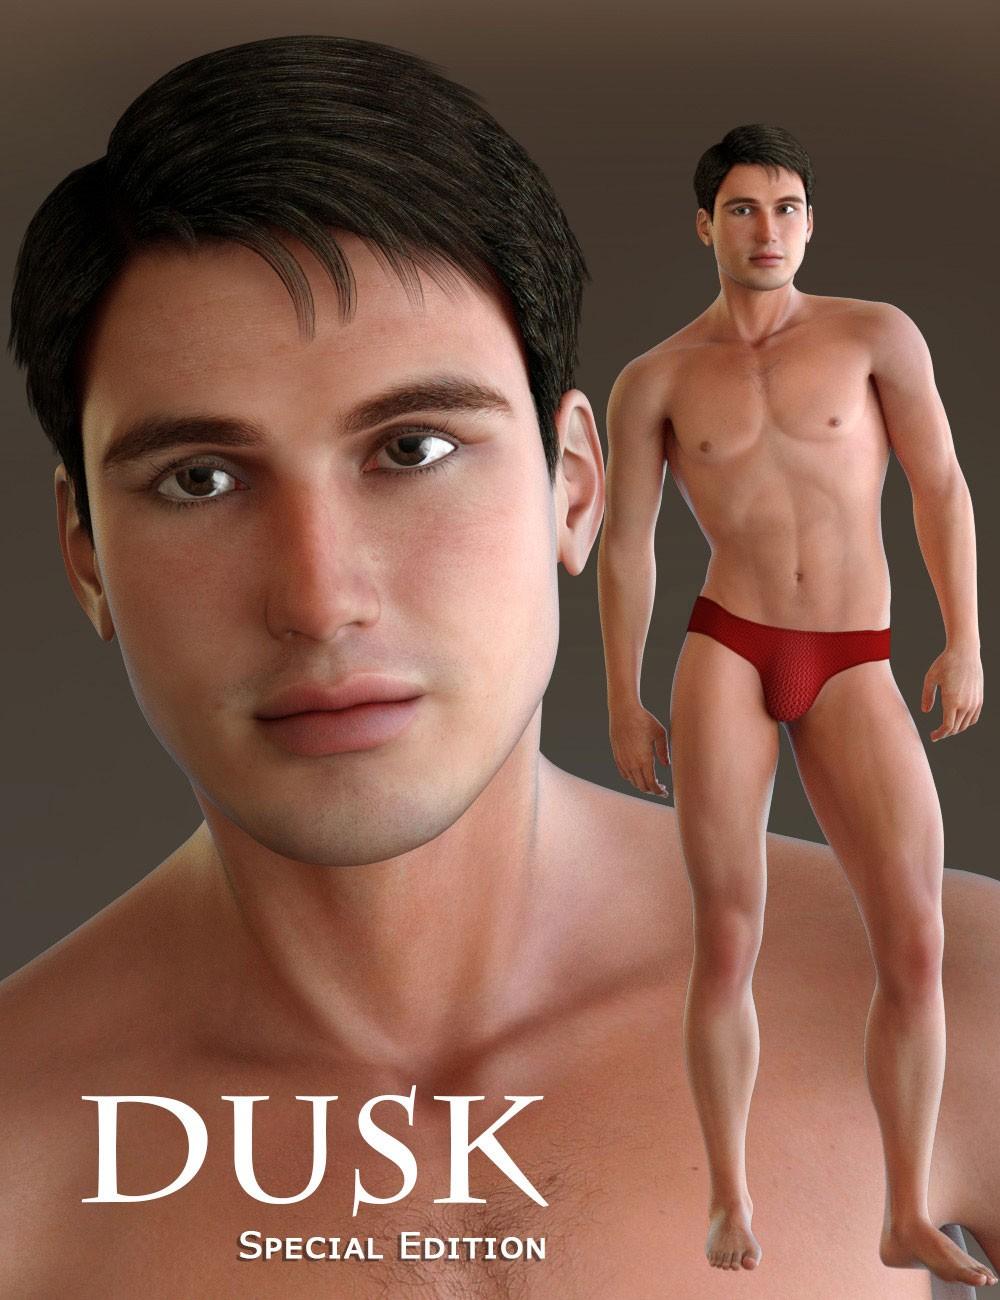 Dusk Special Edition_DAZ3D下载站